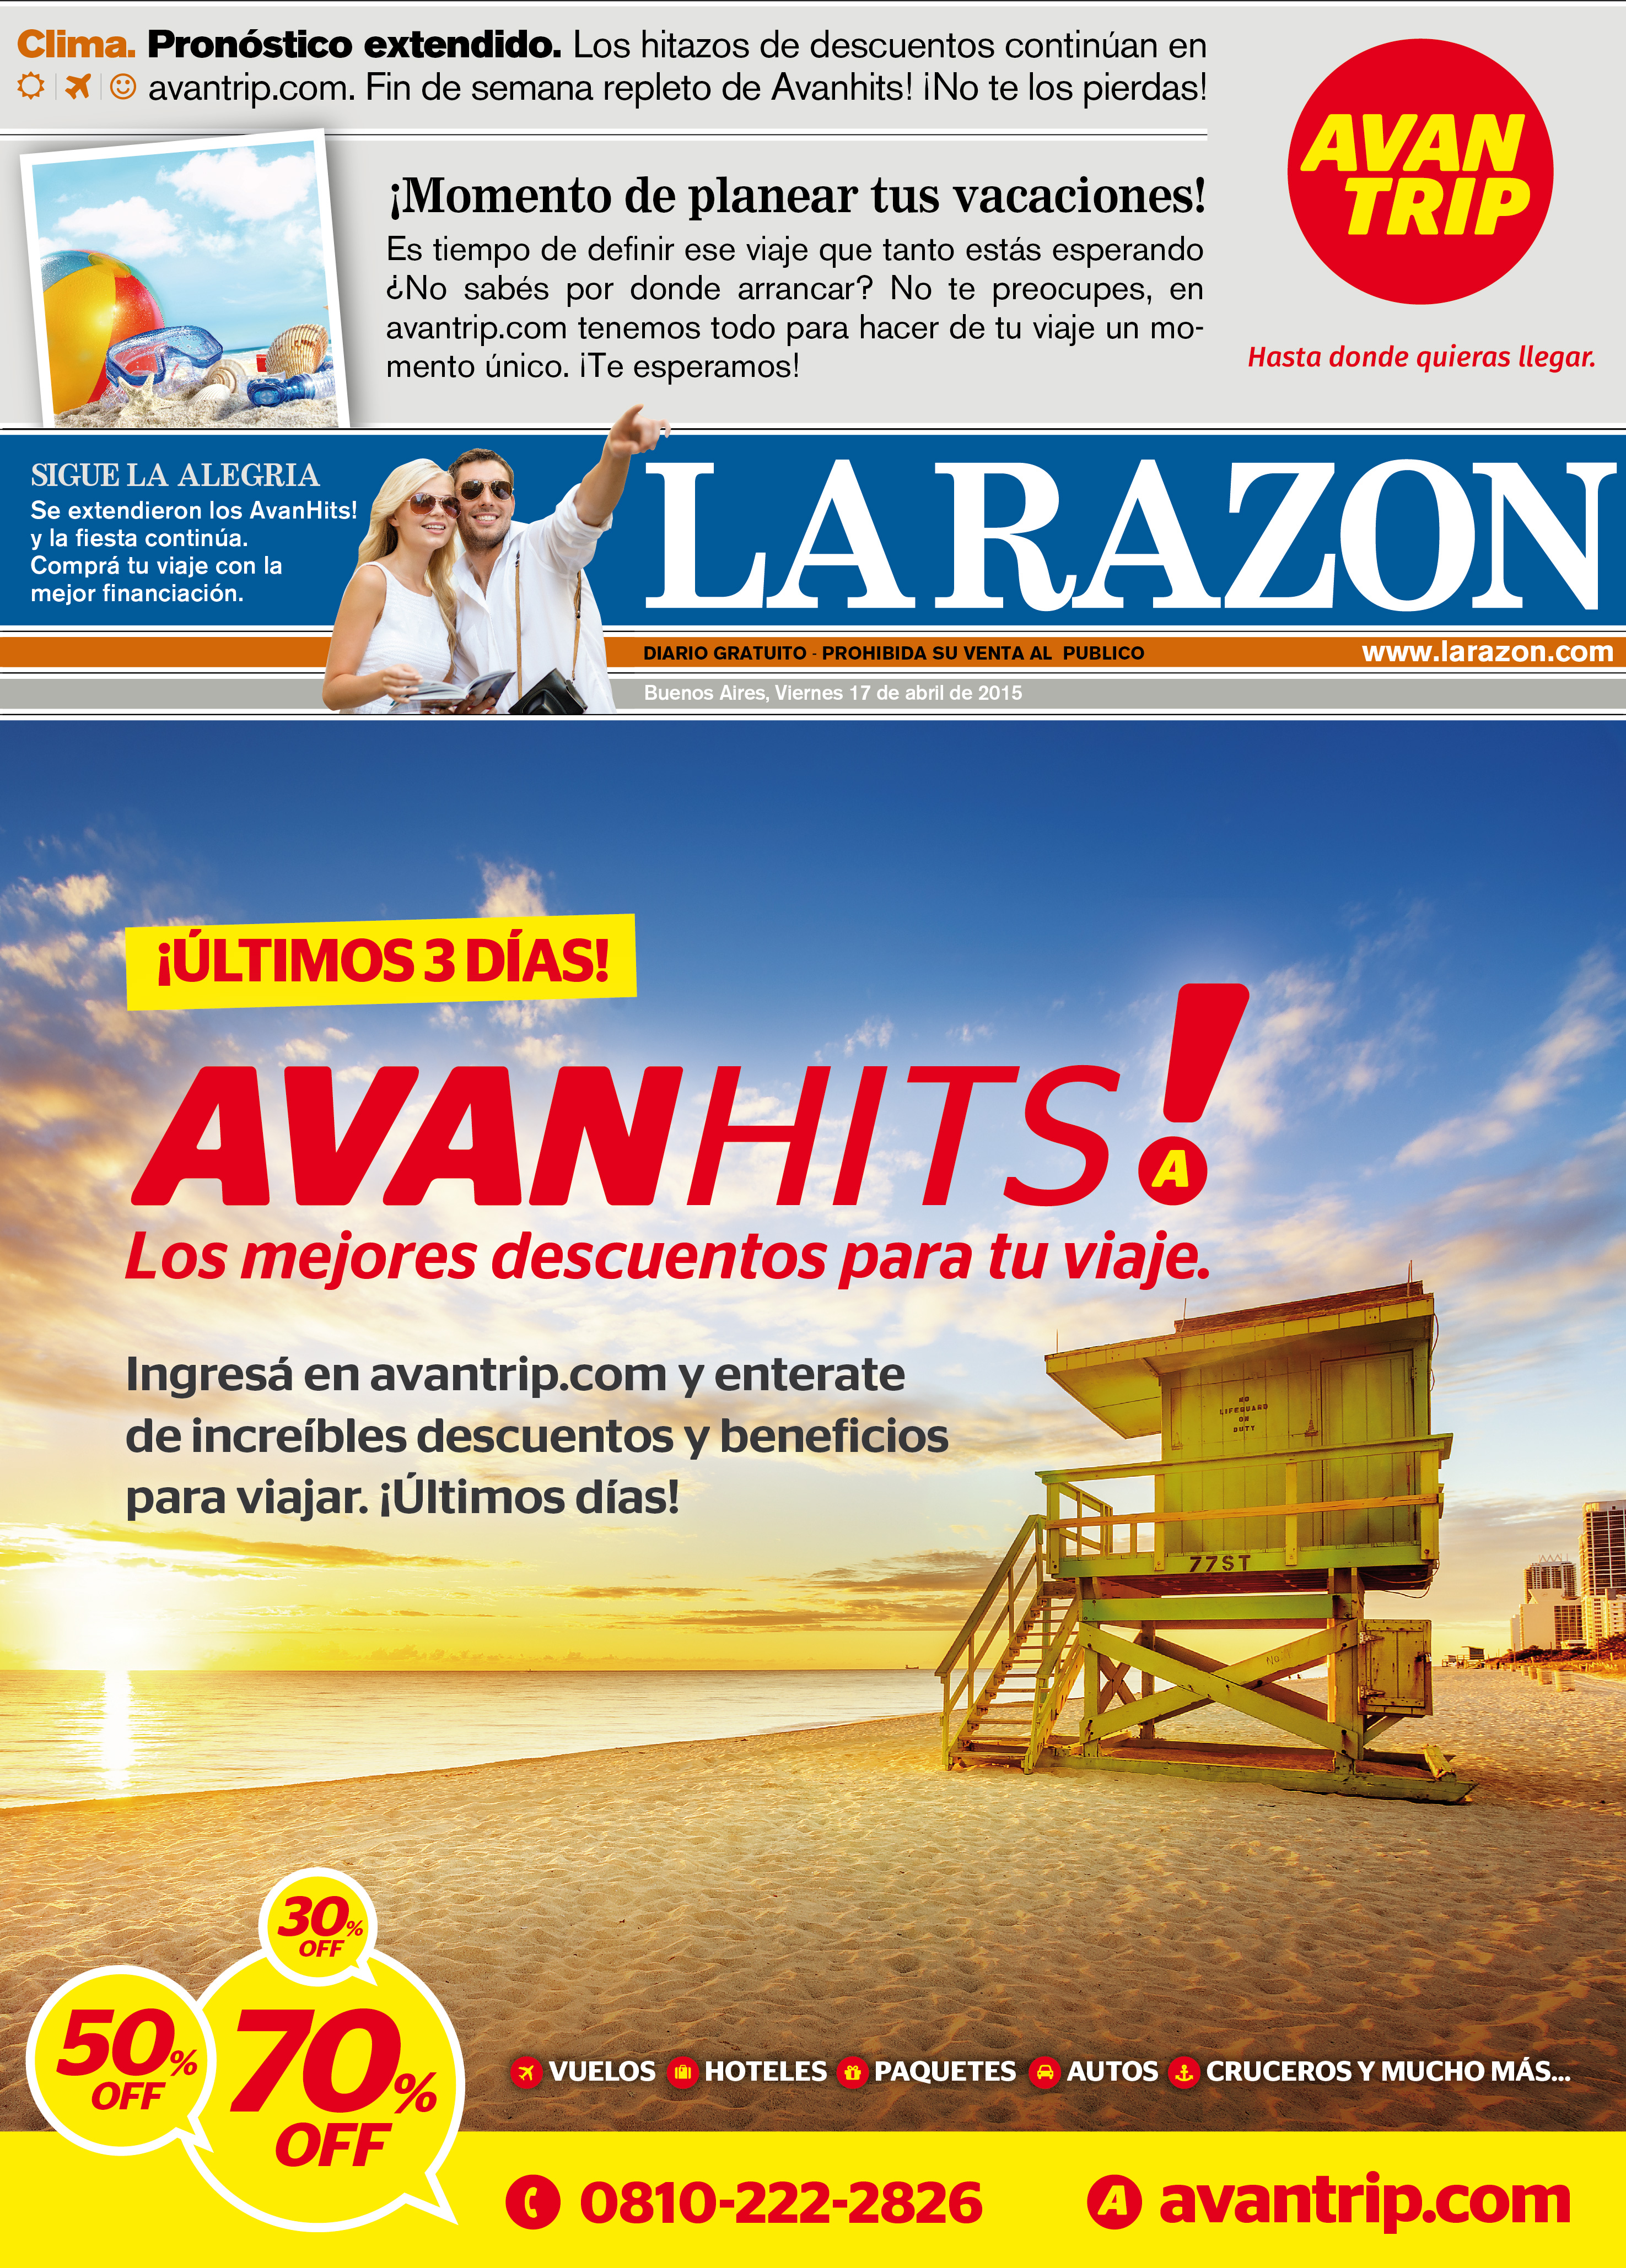 AVT_avisos_2015-04-13_larazon-01